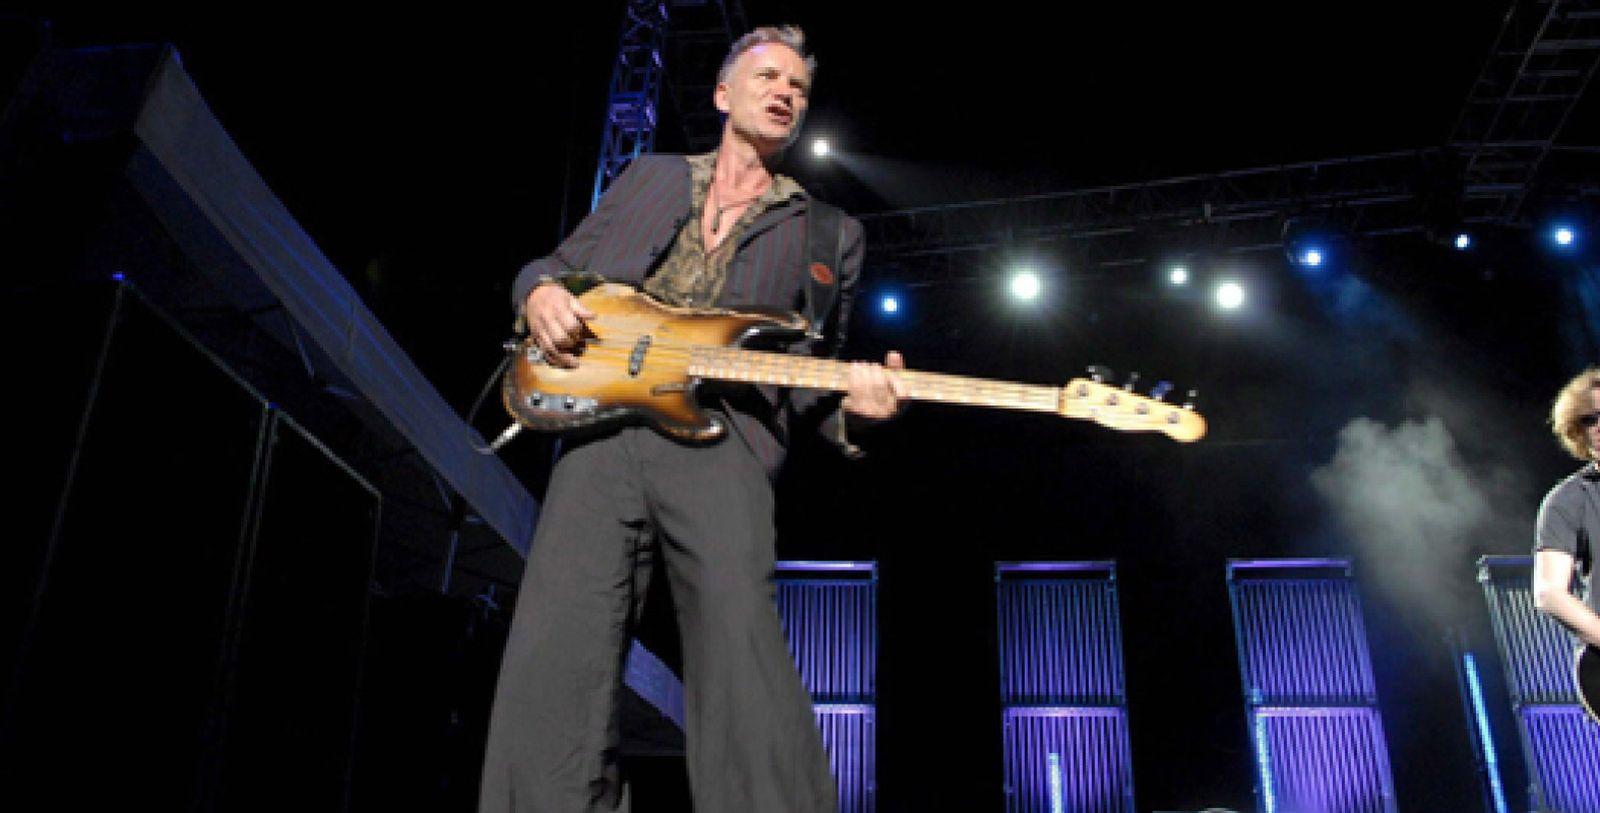 Foto: Sting prepara un disco de canciones para laúd basado en la música de un compositor del siglo XVI